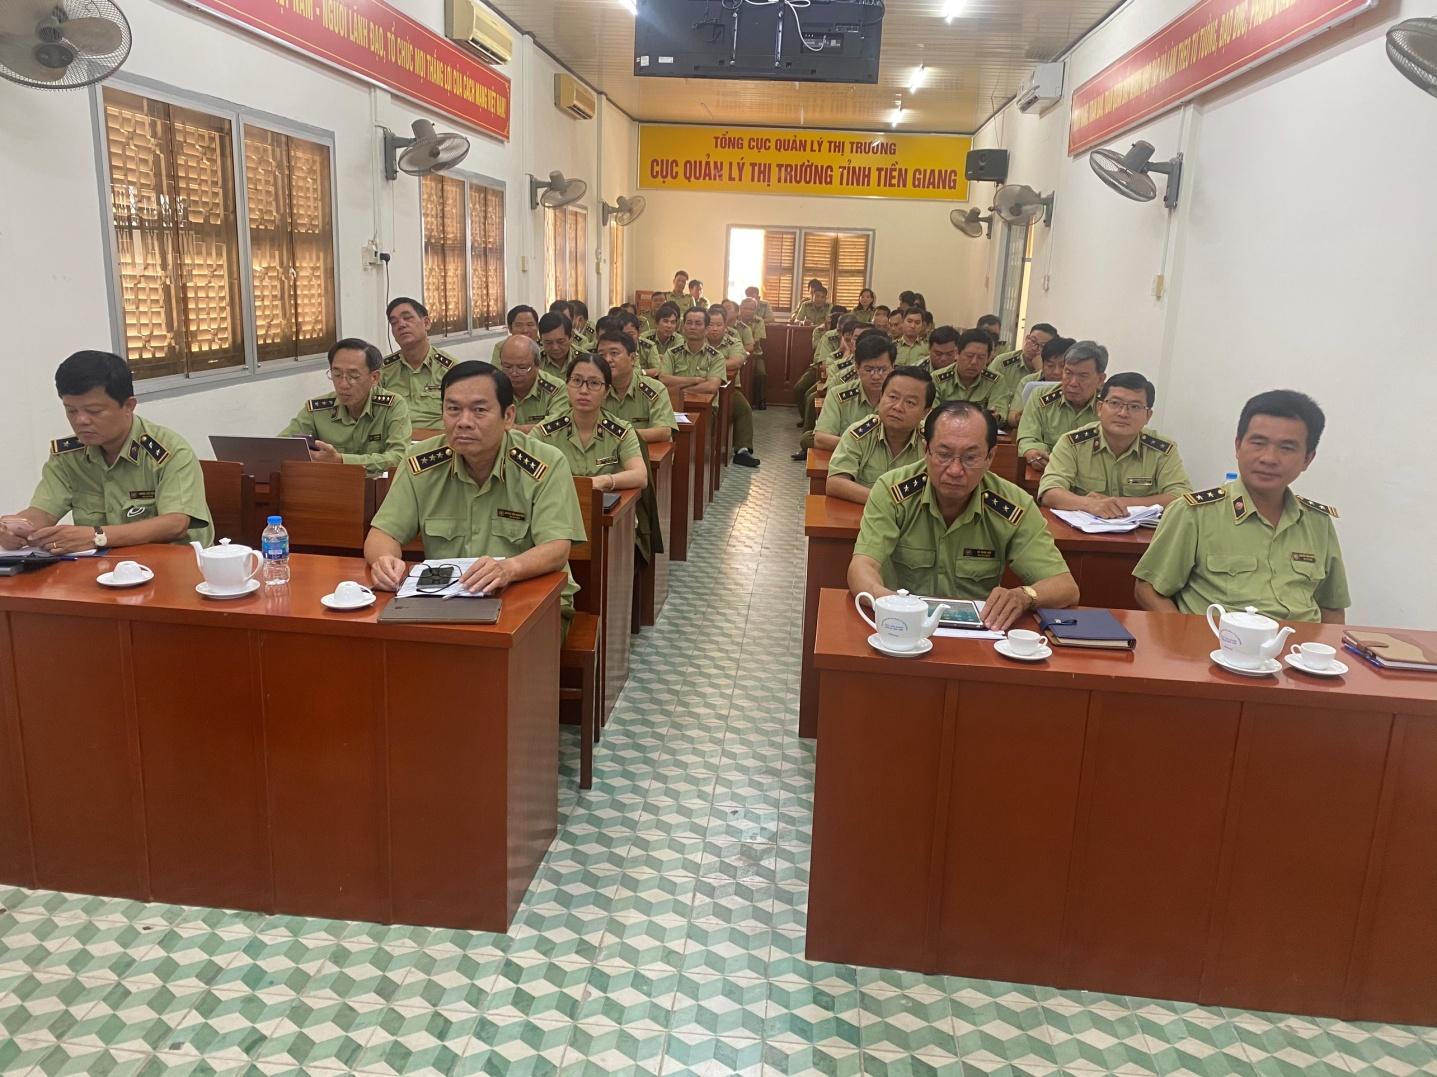 Cục Quản lý thị trường tỉnh Tiền Giang tổ chức Hội nghị triển khai Thông tư số 54/2020/TT-BCT ngày 31/12/2020 của Bộ trưởng Bộ Công Thương